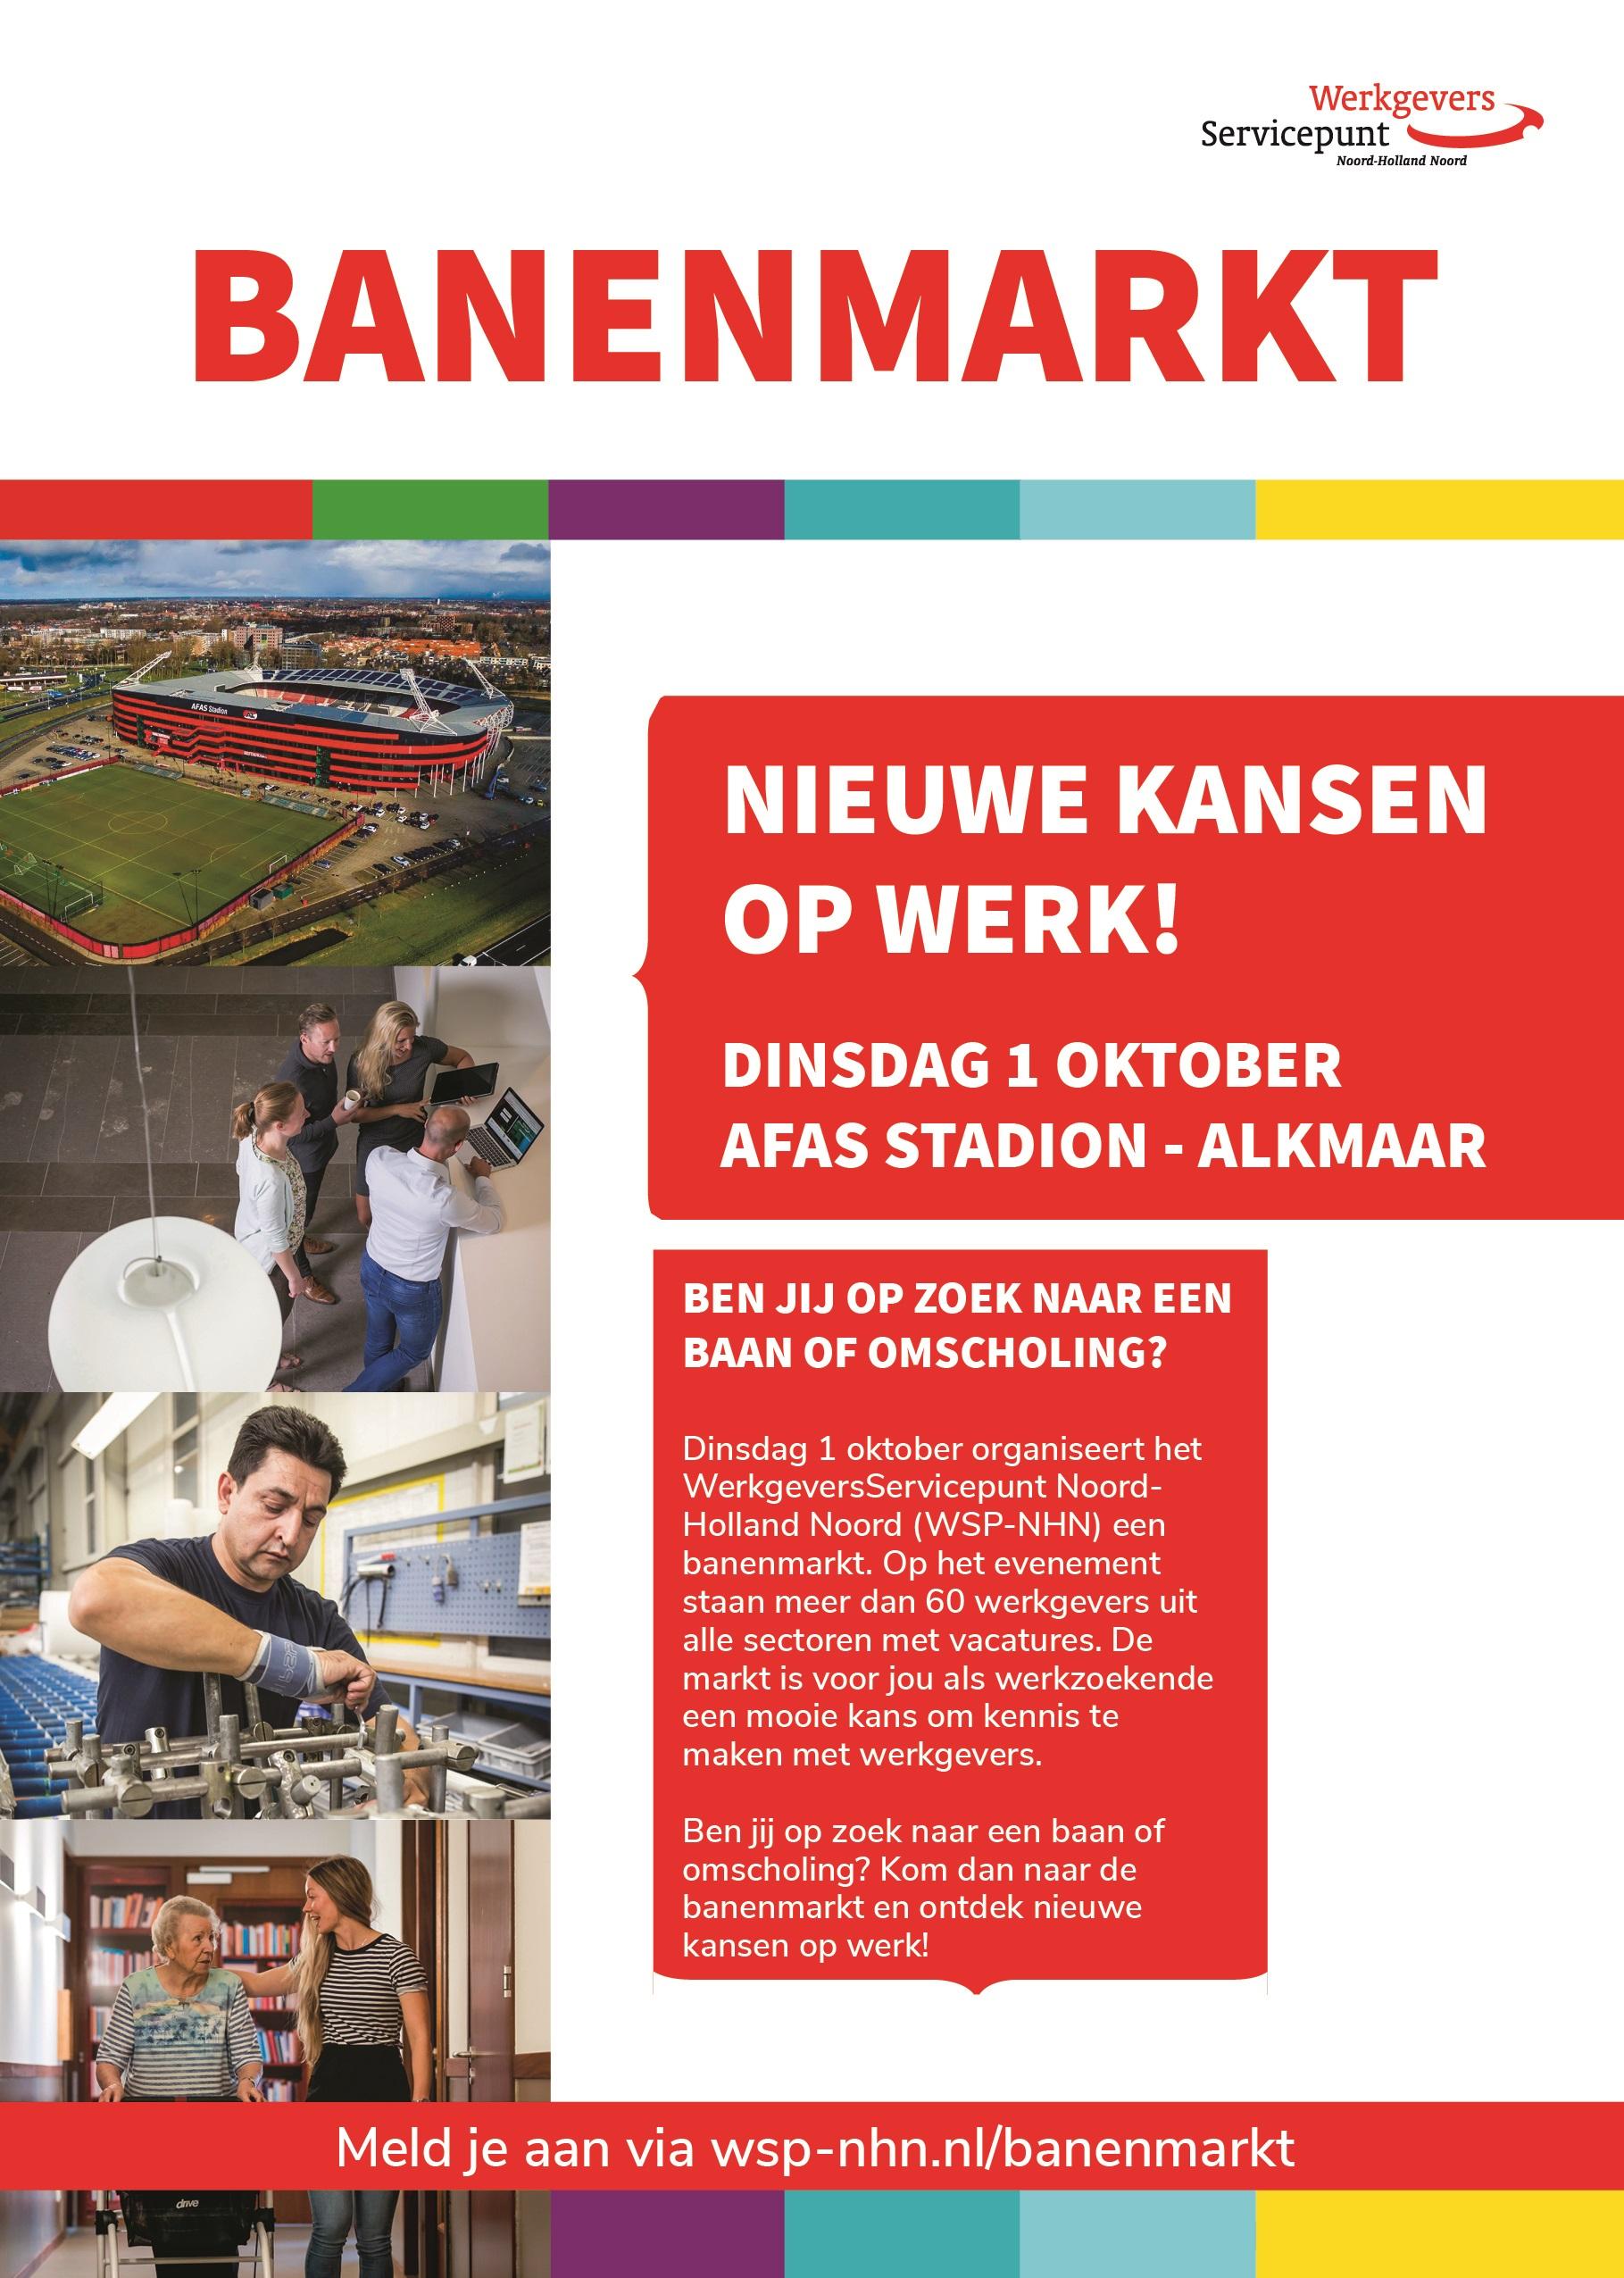 Op zoek naar werk? Pak je kans! Kom naar de banenmarkt 1 oktober in het AFAS Stadion Alkmaar